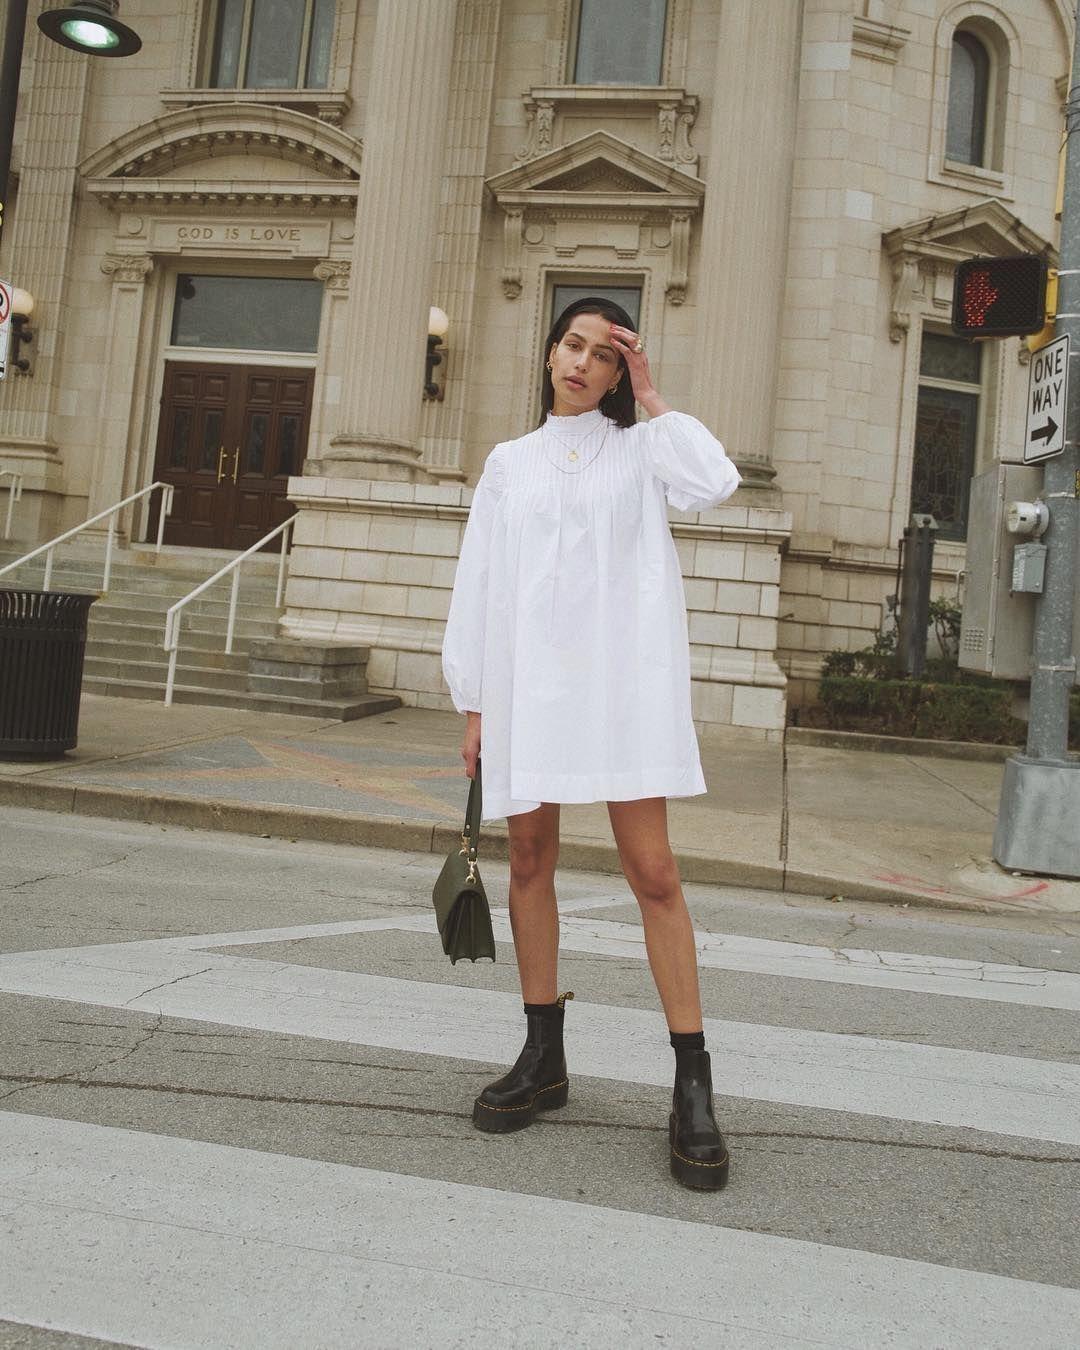 7 Cara Mengenakan Busana Putih yang Instagrammable